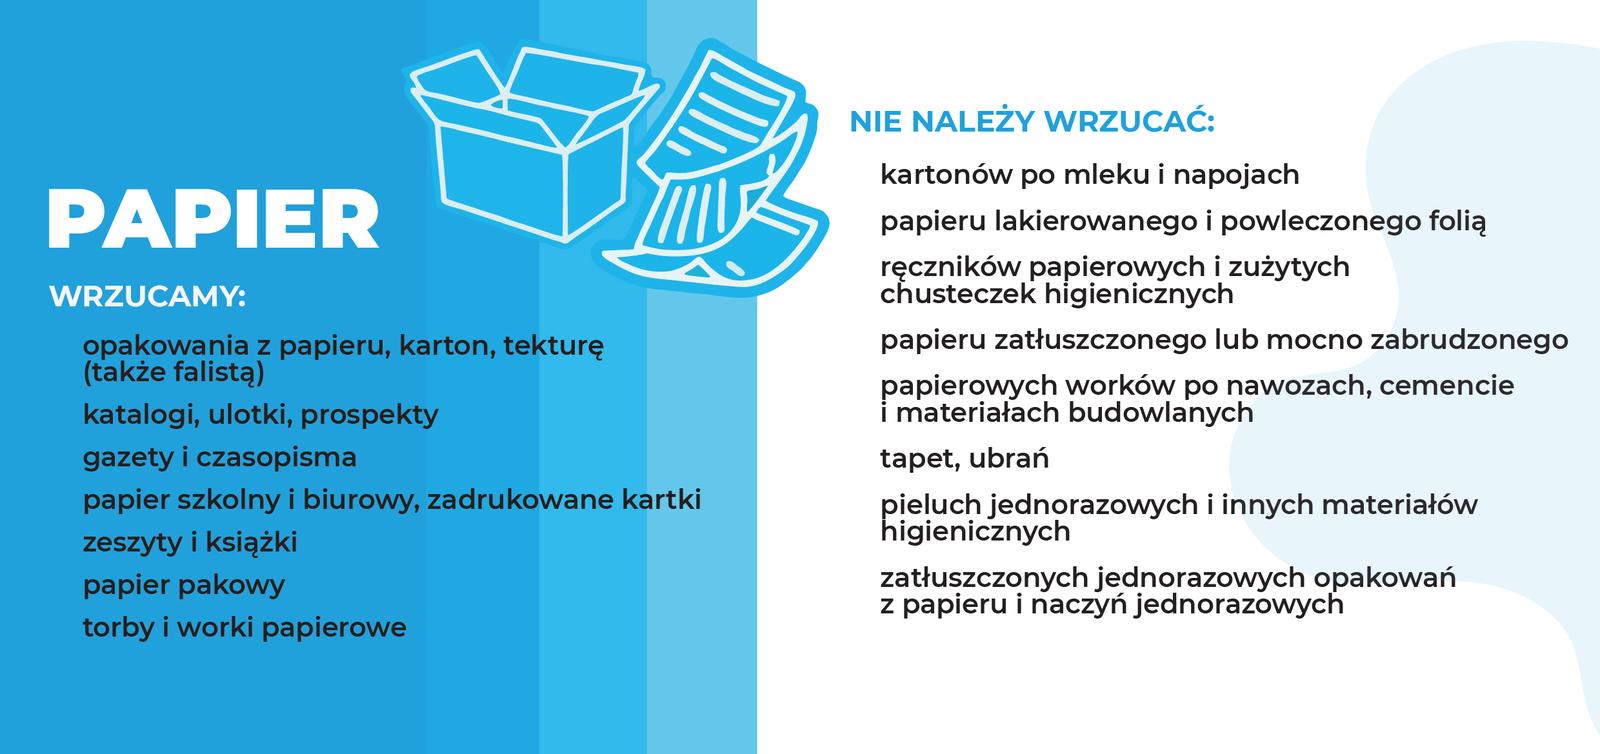 ULOTKA jak segregować odpady www-02.jpeg